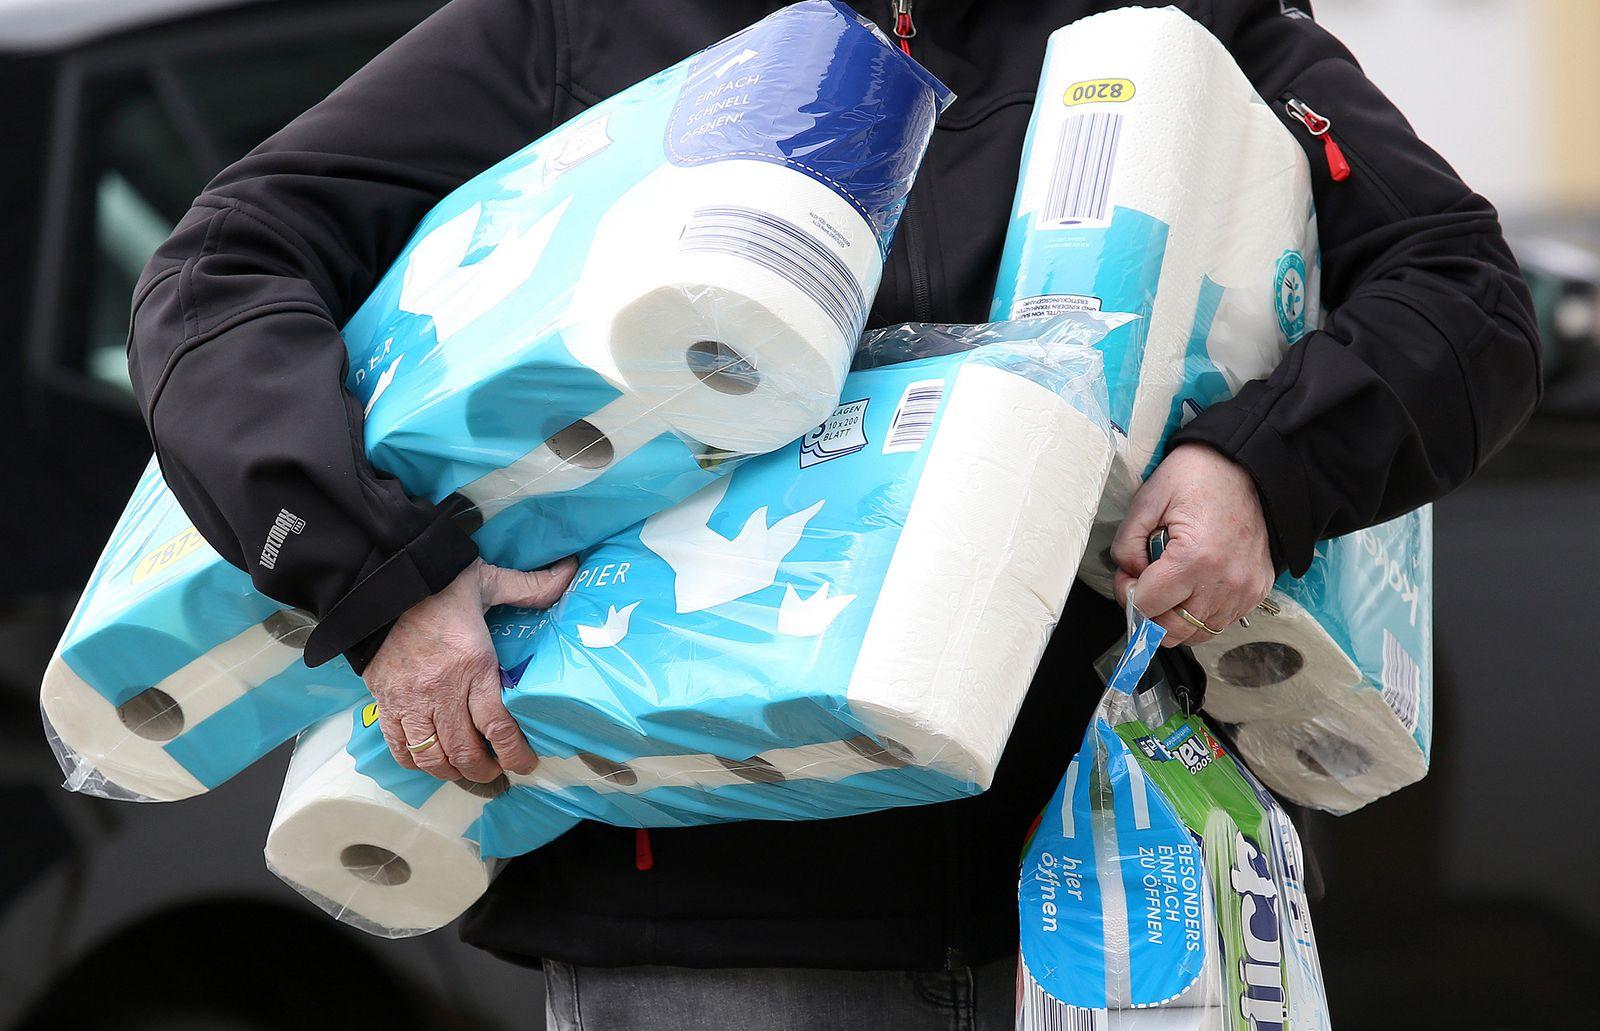 Toilettenpapier / Hamsterkäufe / Coronavirus